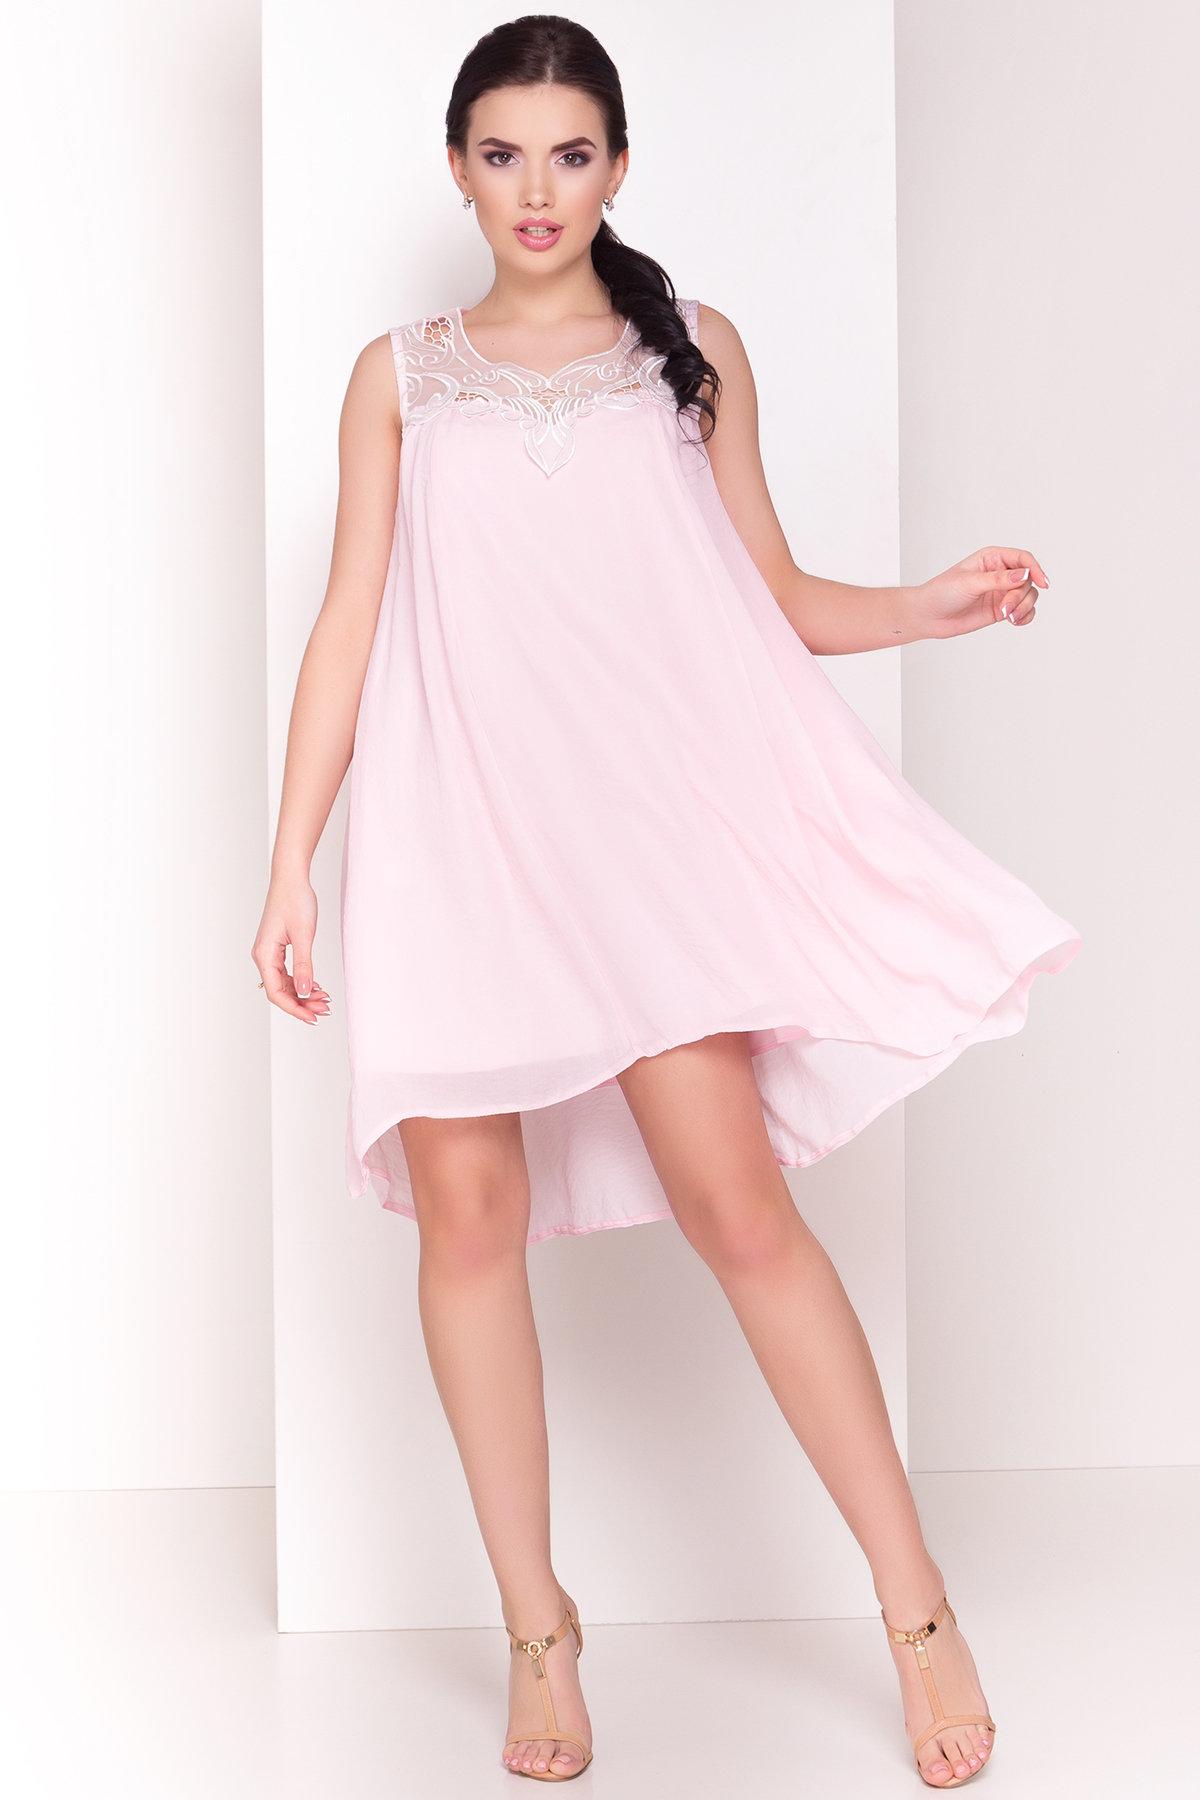 Платье Альбина 3110 АРТ. 16102 Цвет:  Розовый Светлый - фото 5, интернет магазин tm-modus.ru